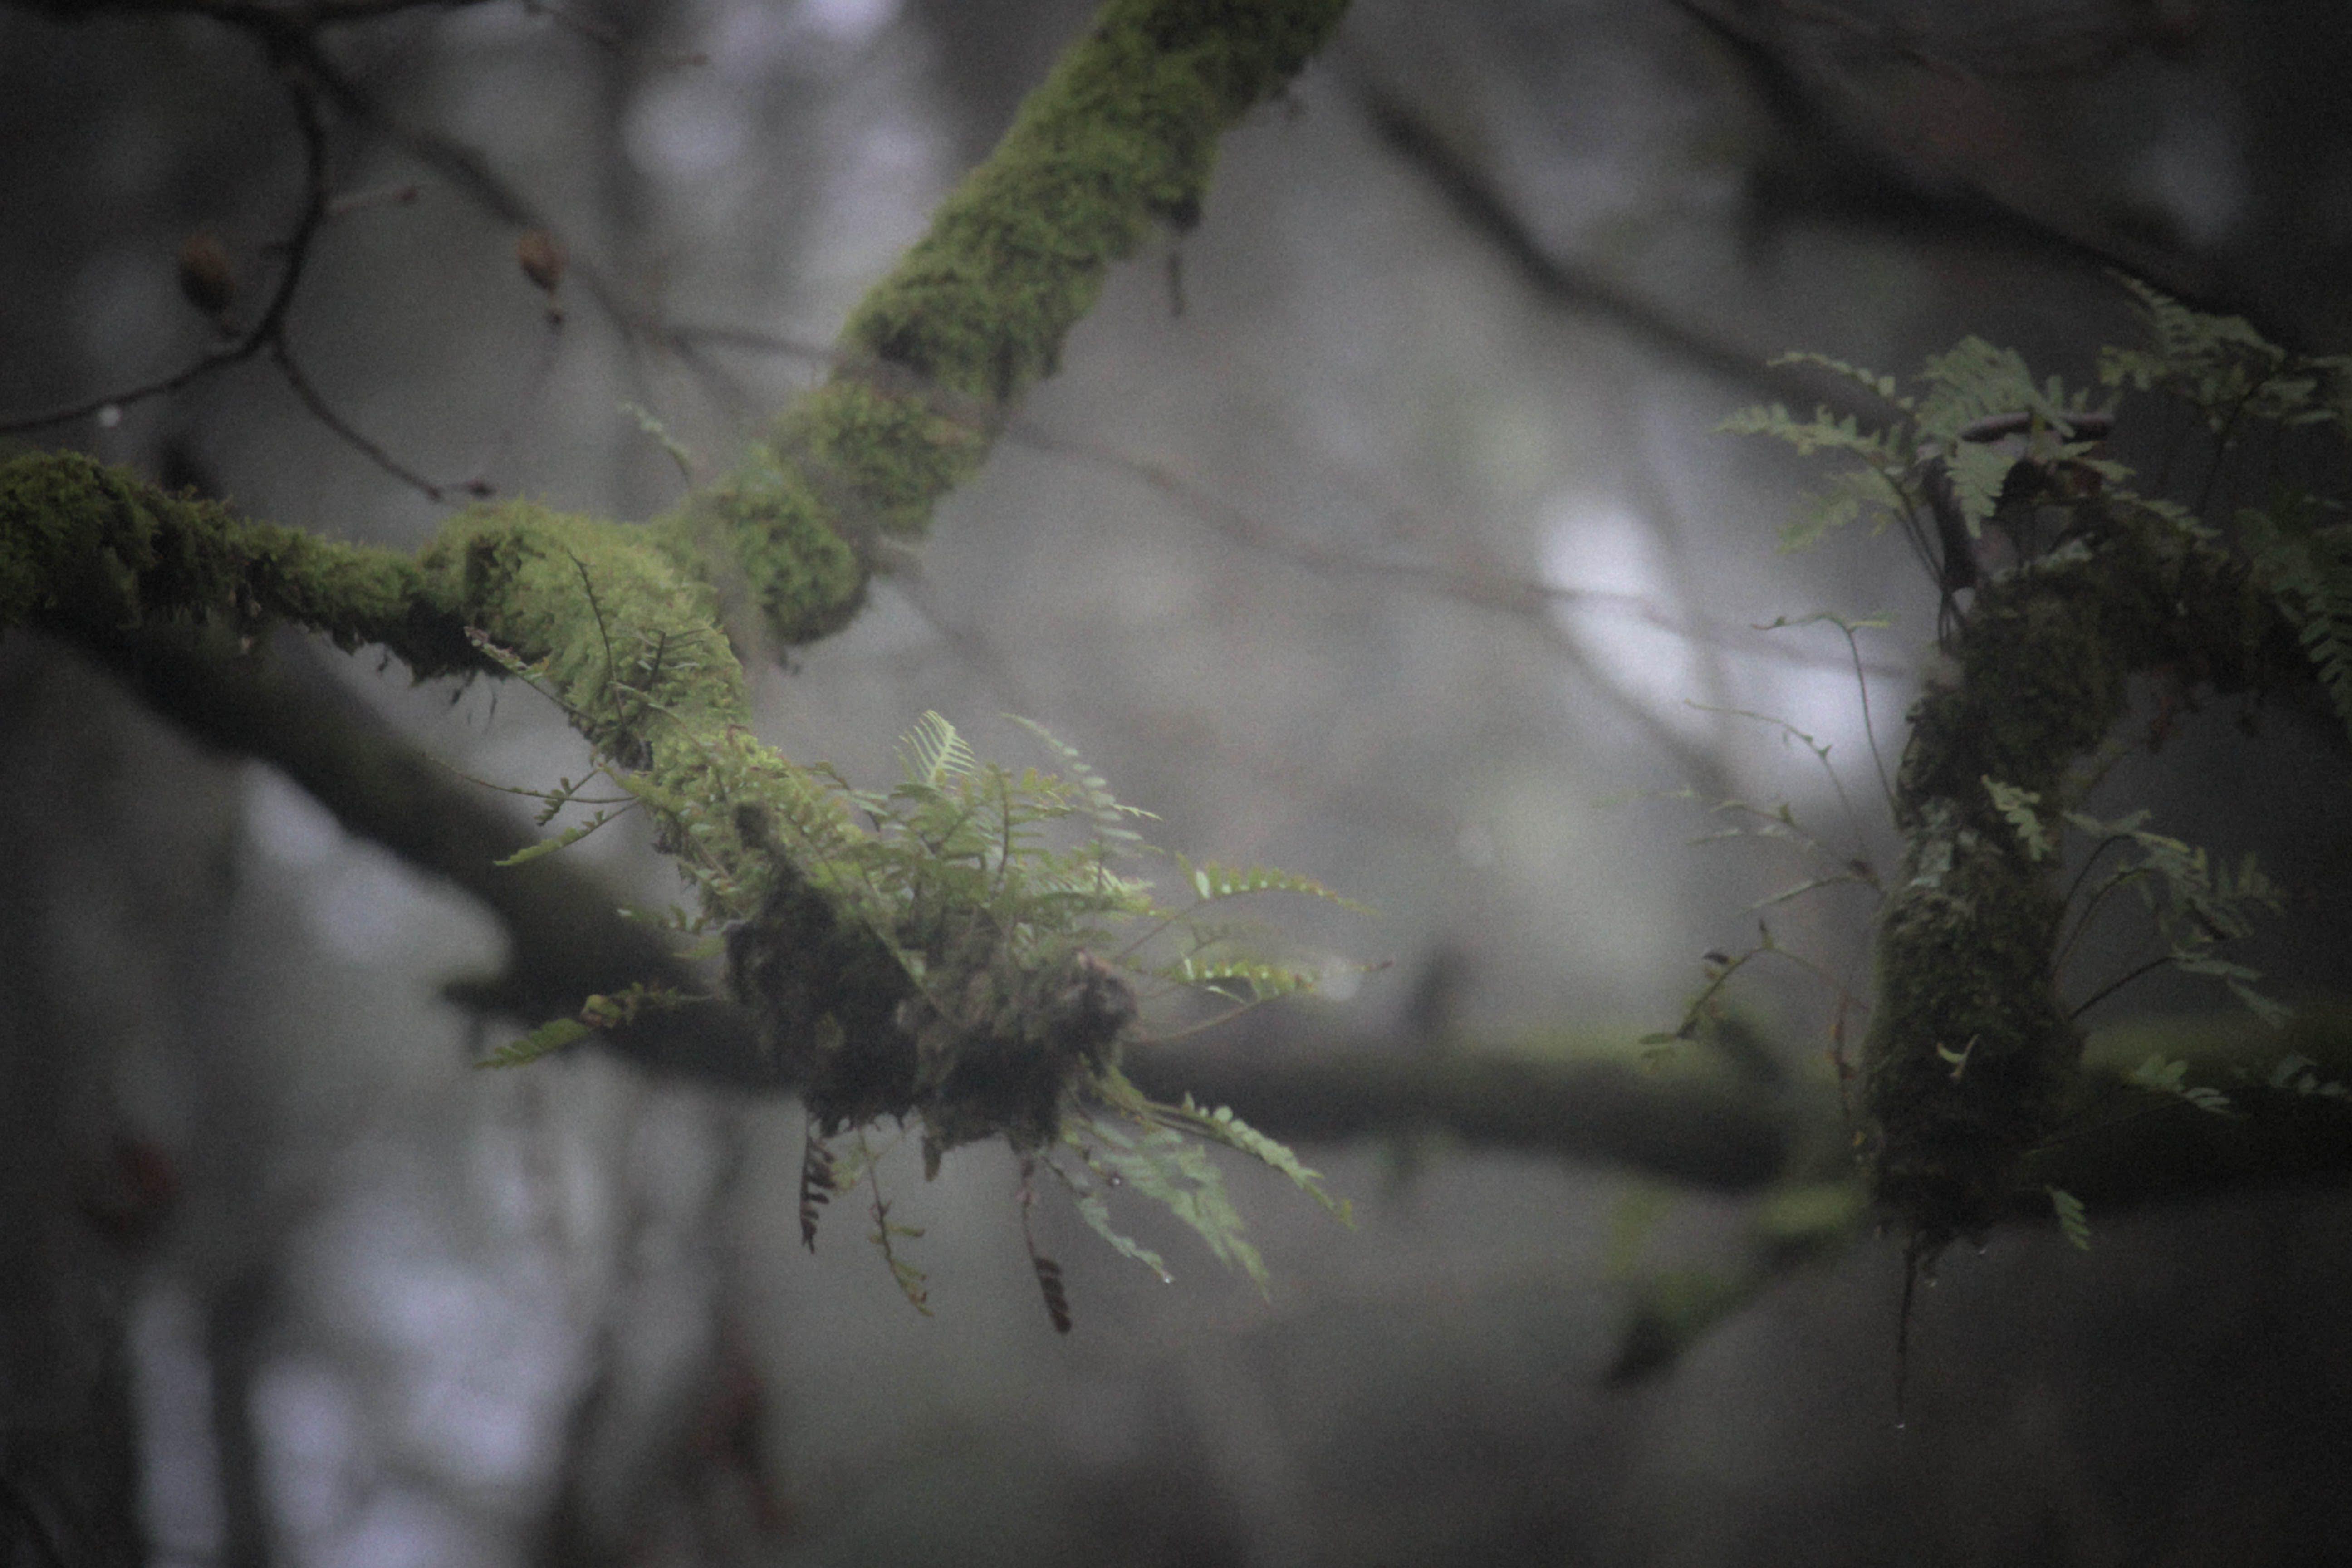 Green Fern on Branch